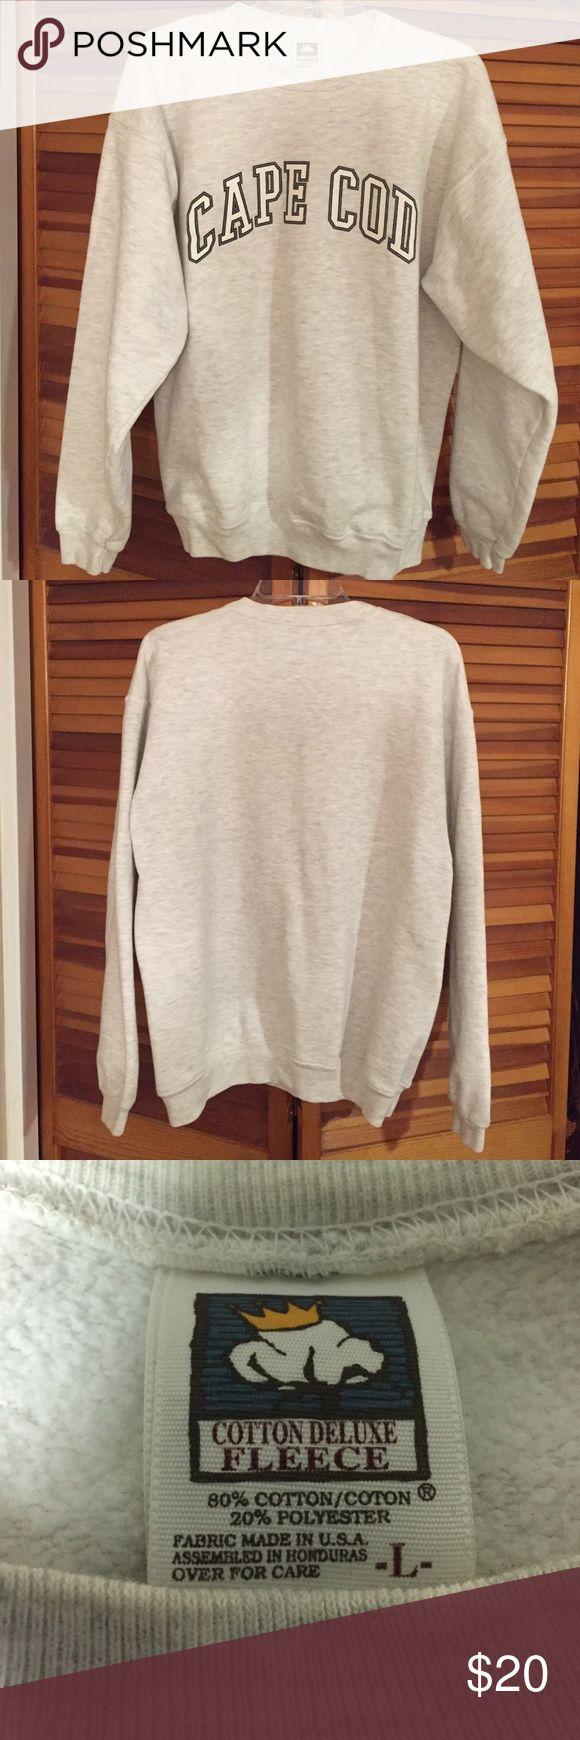 Women's (unisex) Cape Cod pullover sweatshirt.  women's (unisex) Cape Cod pullover Sweatshirt 80% cotton, 20% polyester. Tops Sweatshirts & Hoodies